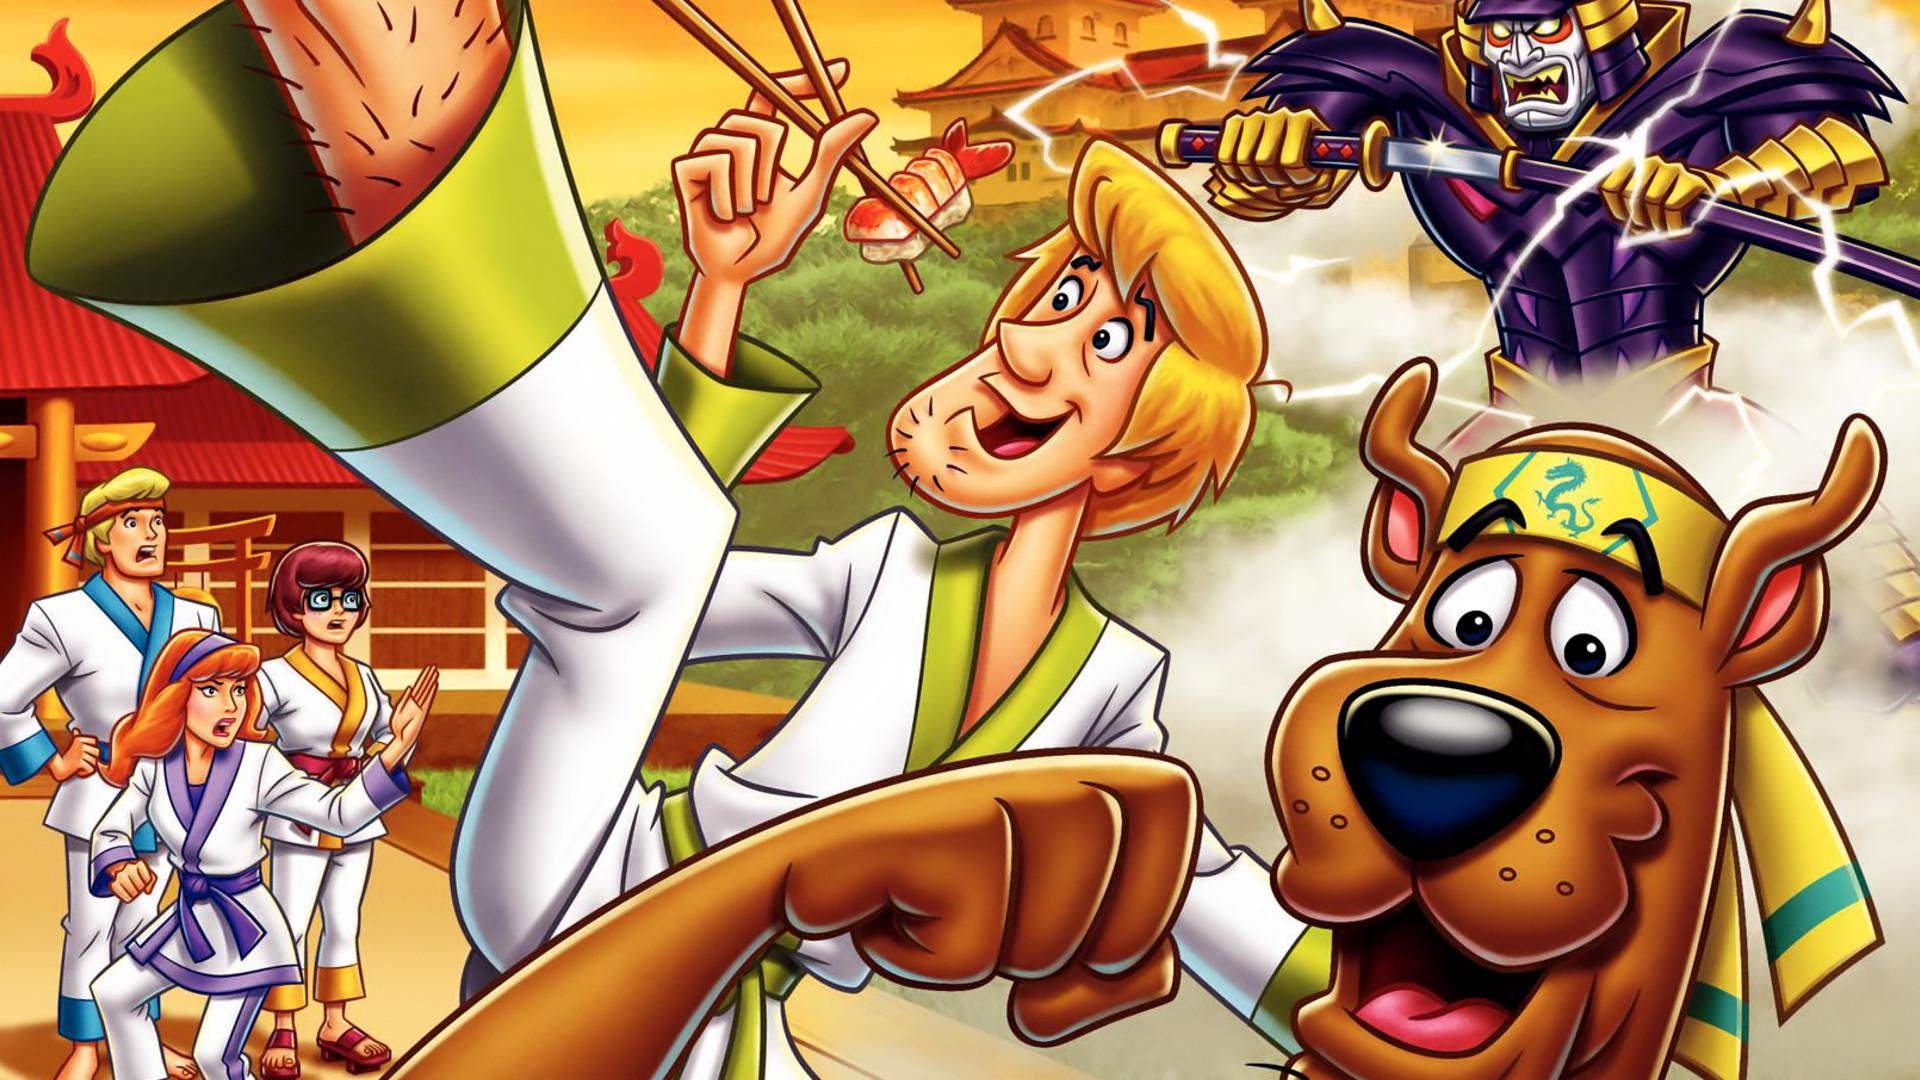 Scooby Doo And The Samurai Sword Fondo De Pantalla Hd